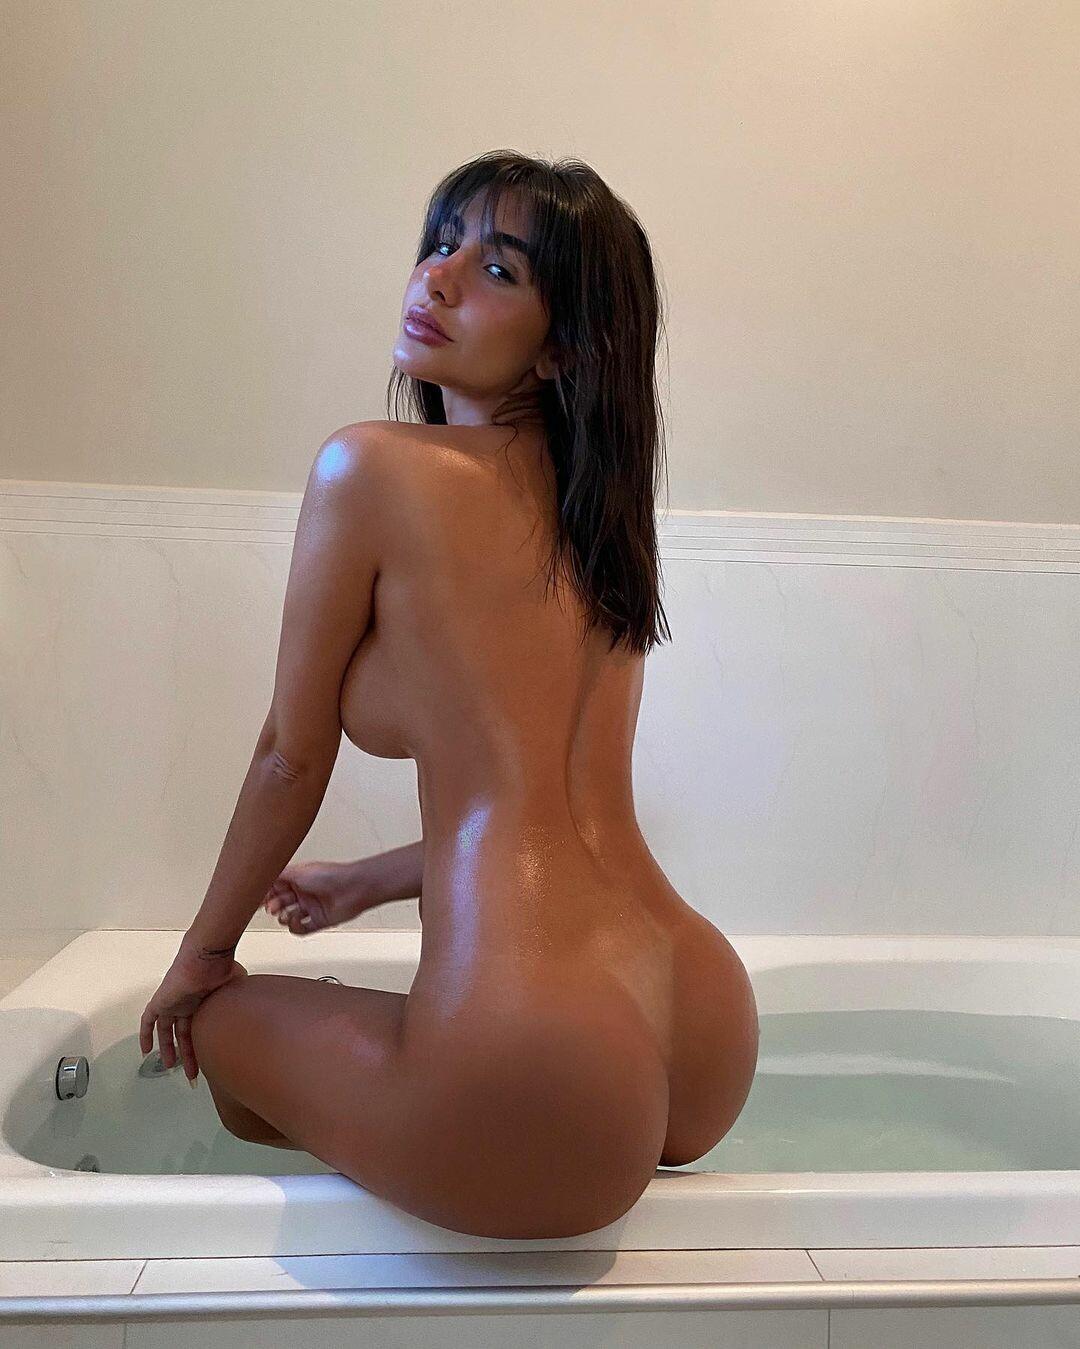 Невероятно горячие фото бразильской модели, заслужившей комплименты от Неймара